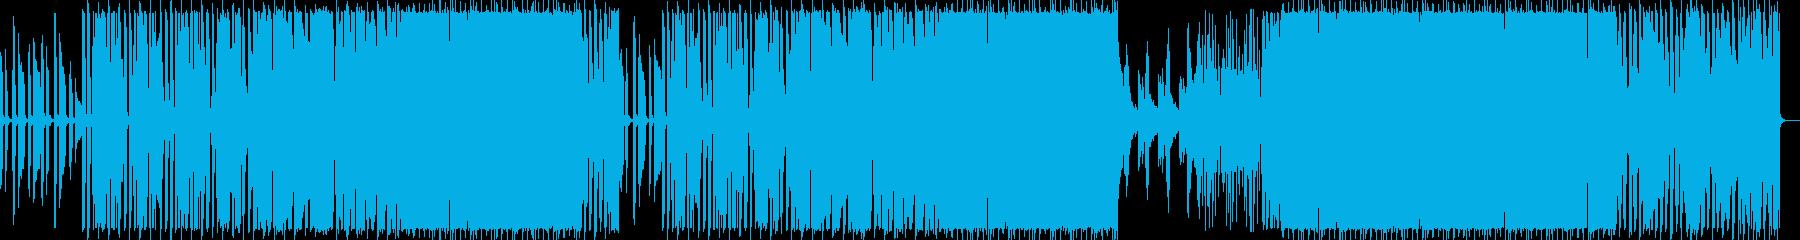 ほのぼのしたイントロ/超爽やかなポップスの再生済みの波形